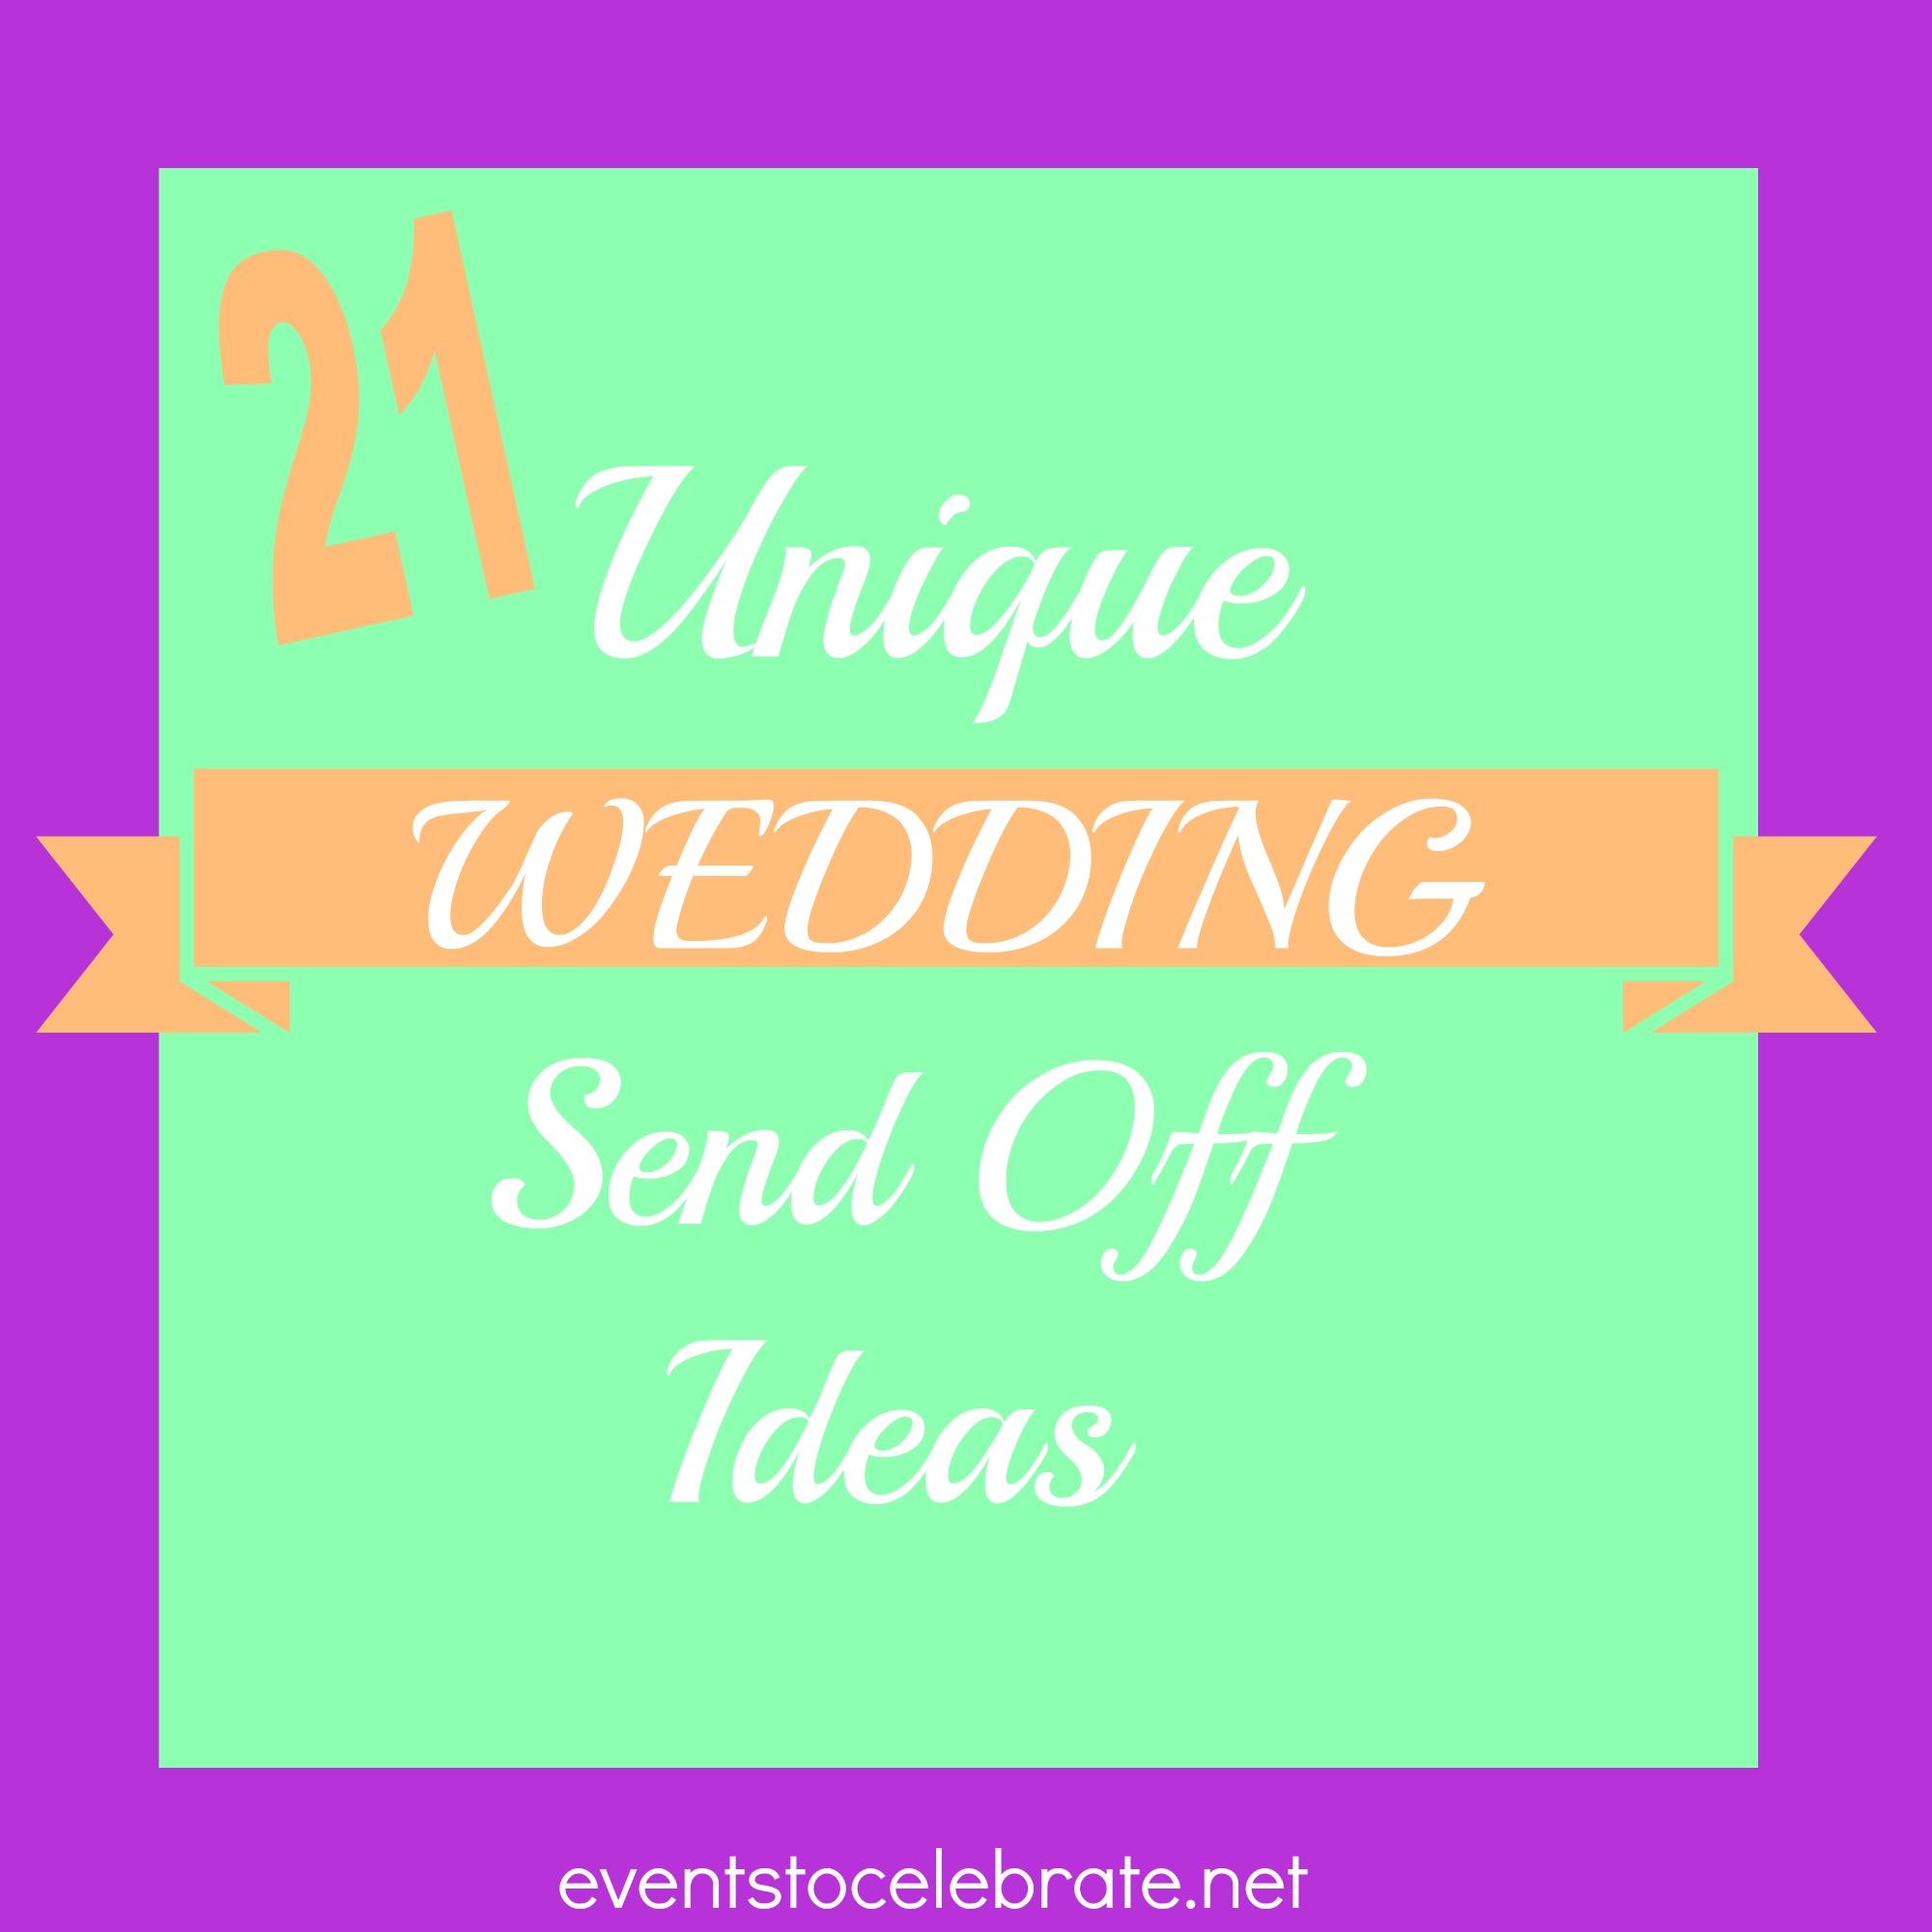 21 unique wedding send off ideas wedding send off ideas 21 Unique Wedding Send Off Ideas